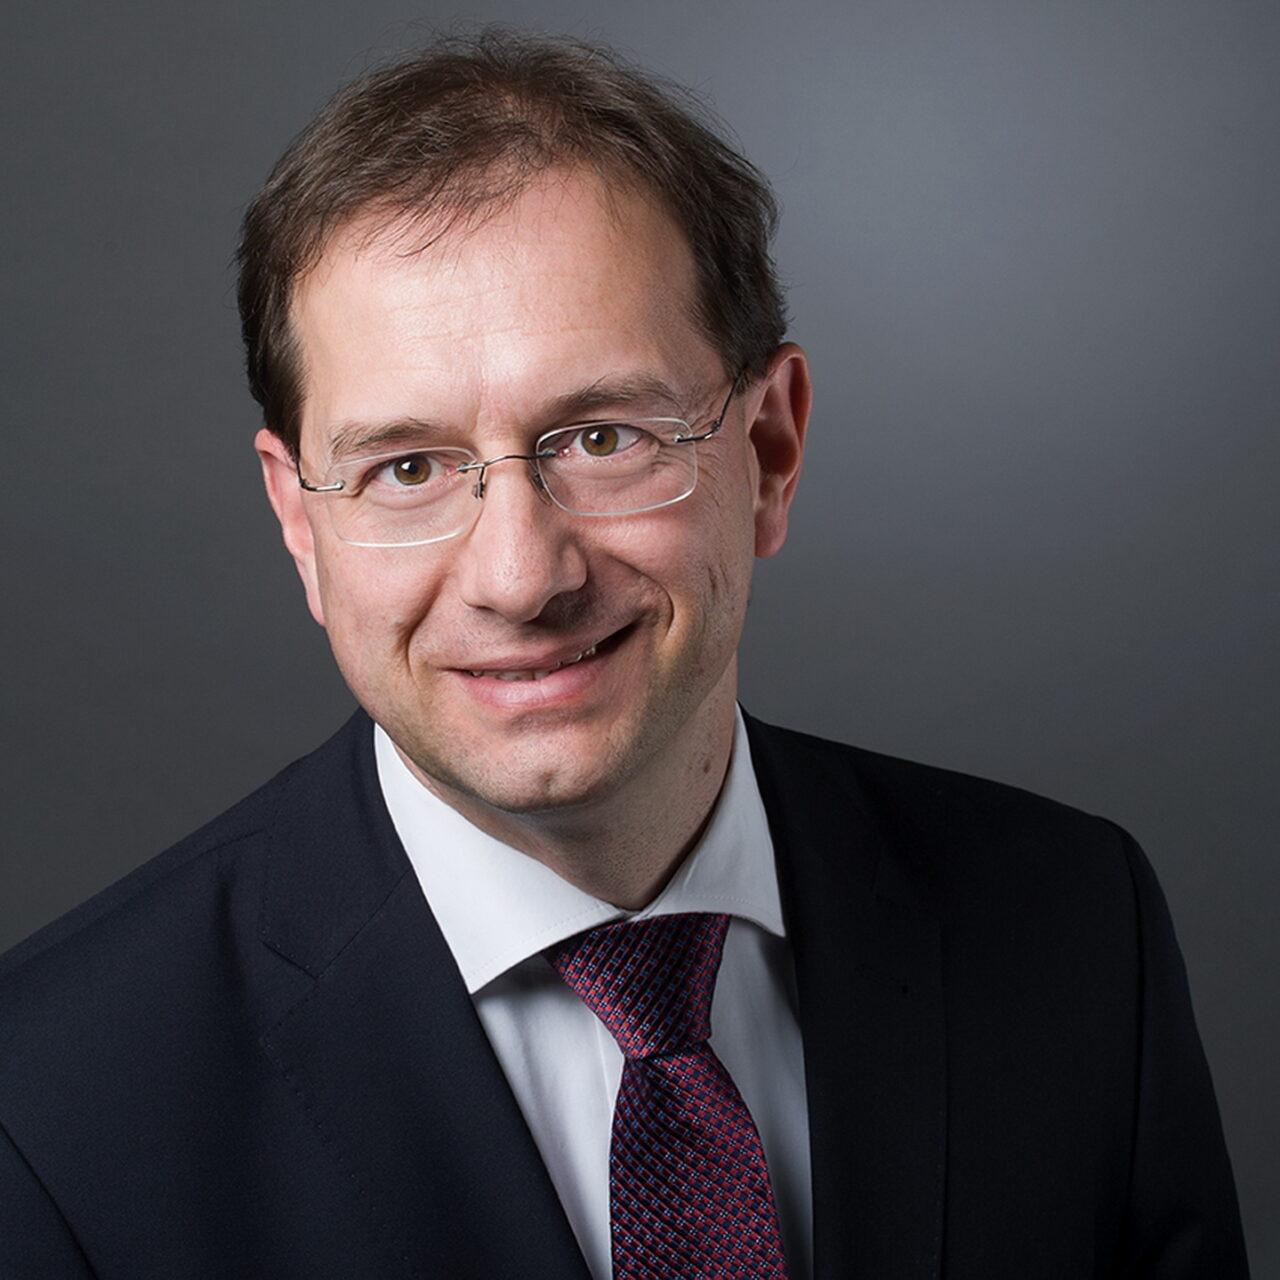 Huth zum Vorstand bei FAROS berufen